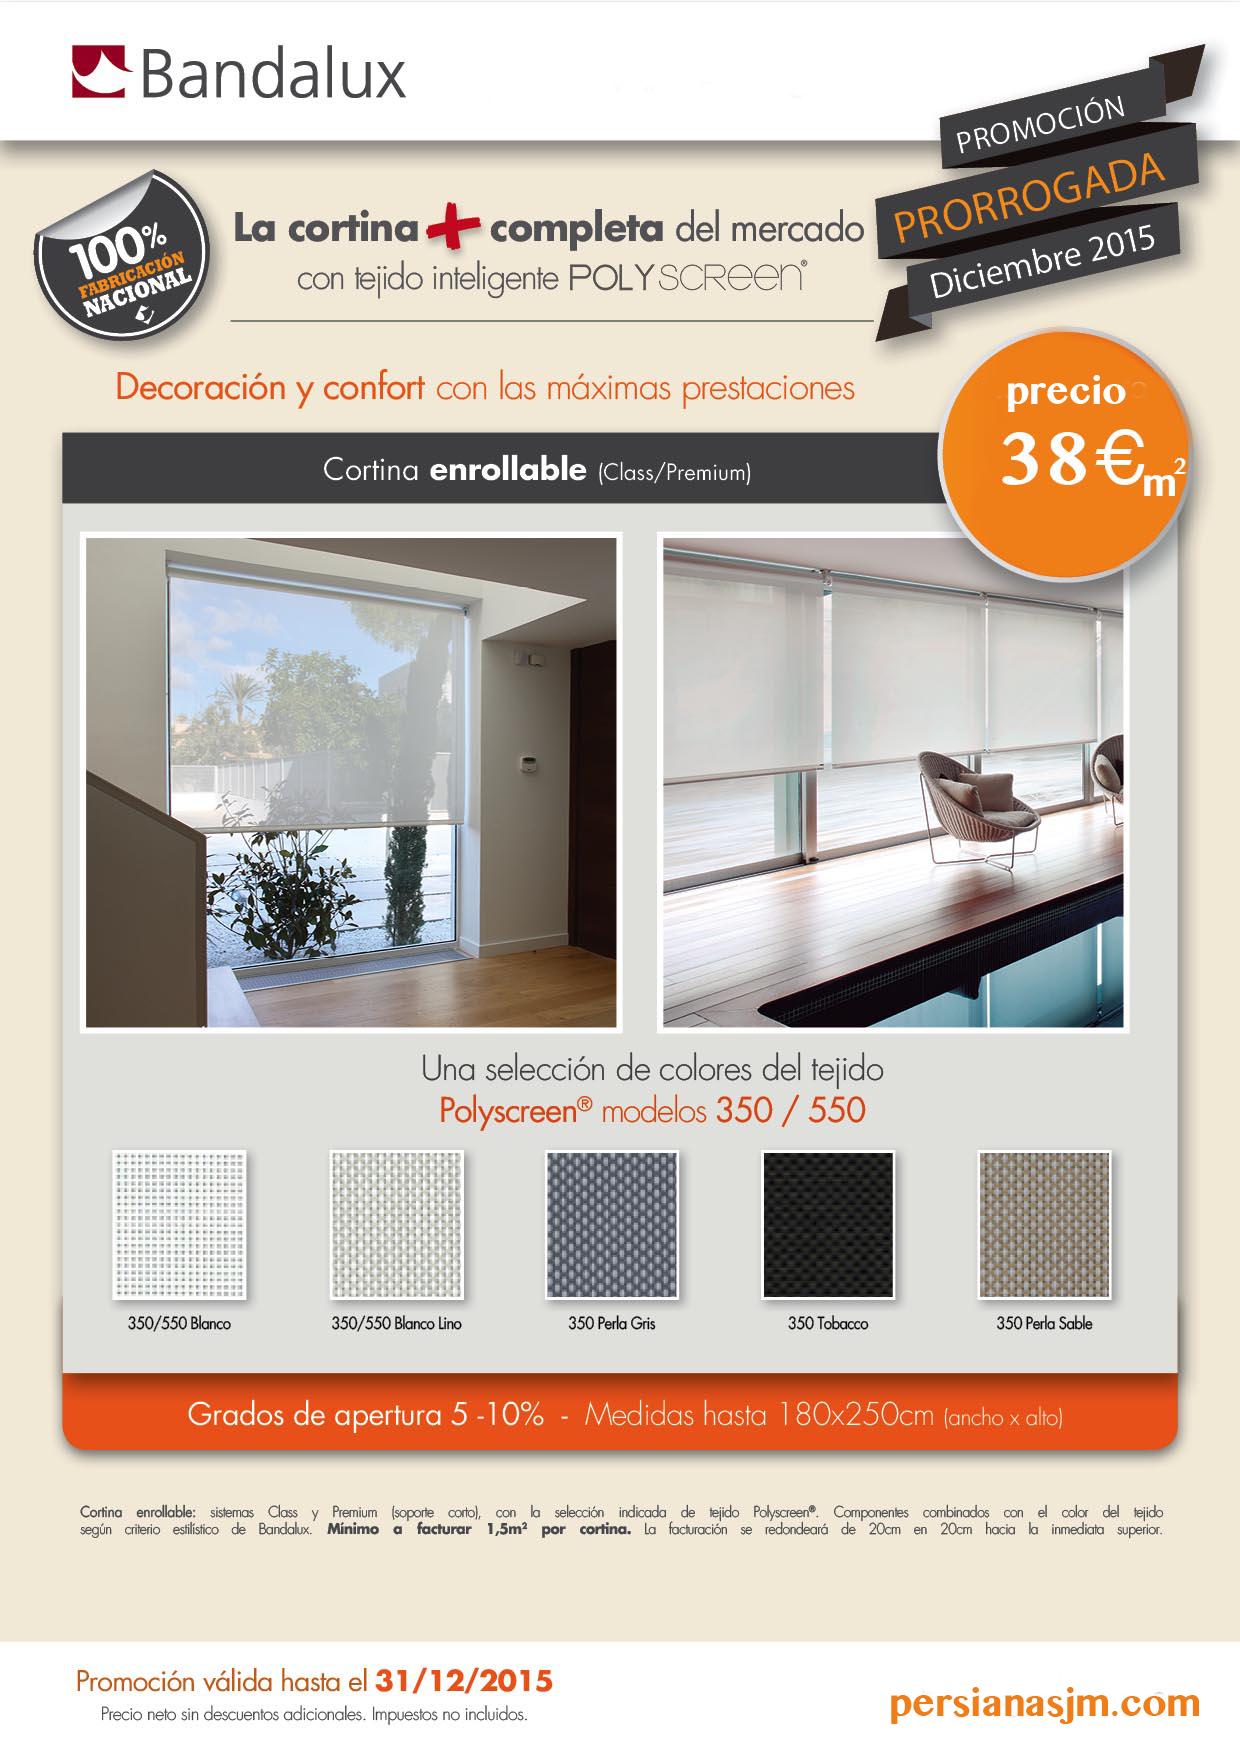 Promoci n bandalux persianas jm for Precios cortinas bandalux